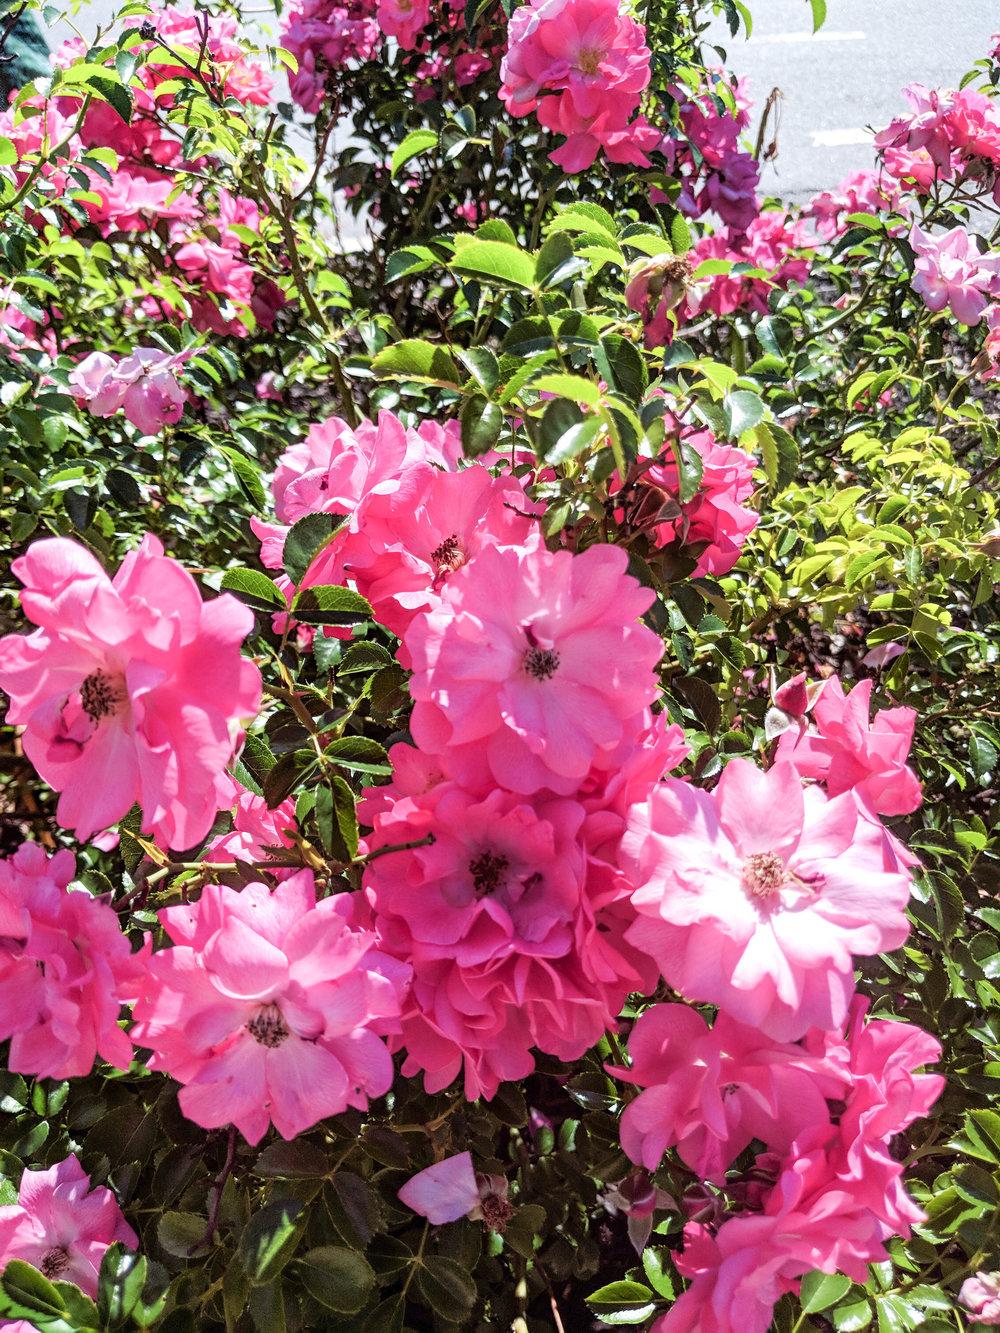 bri rinehart; photography; flowers